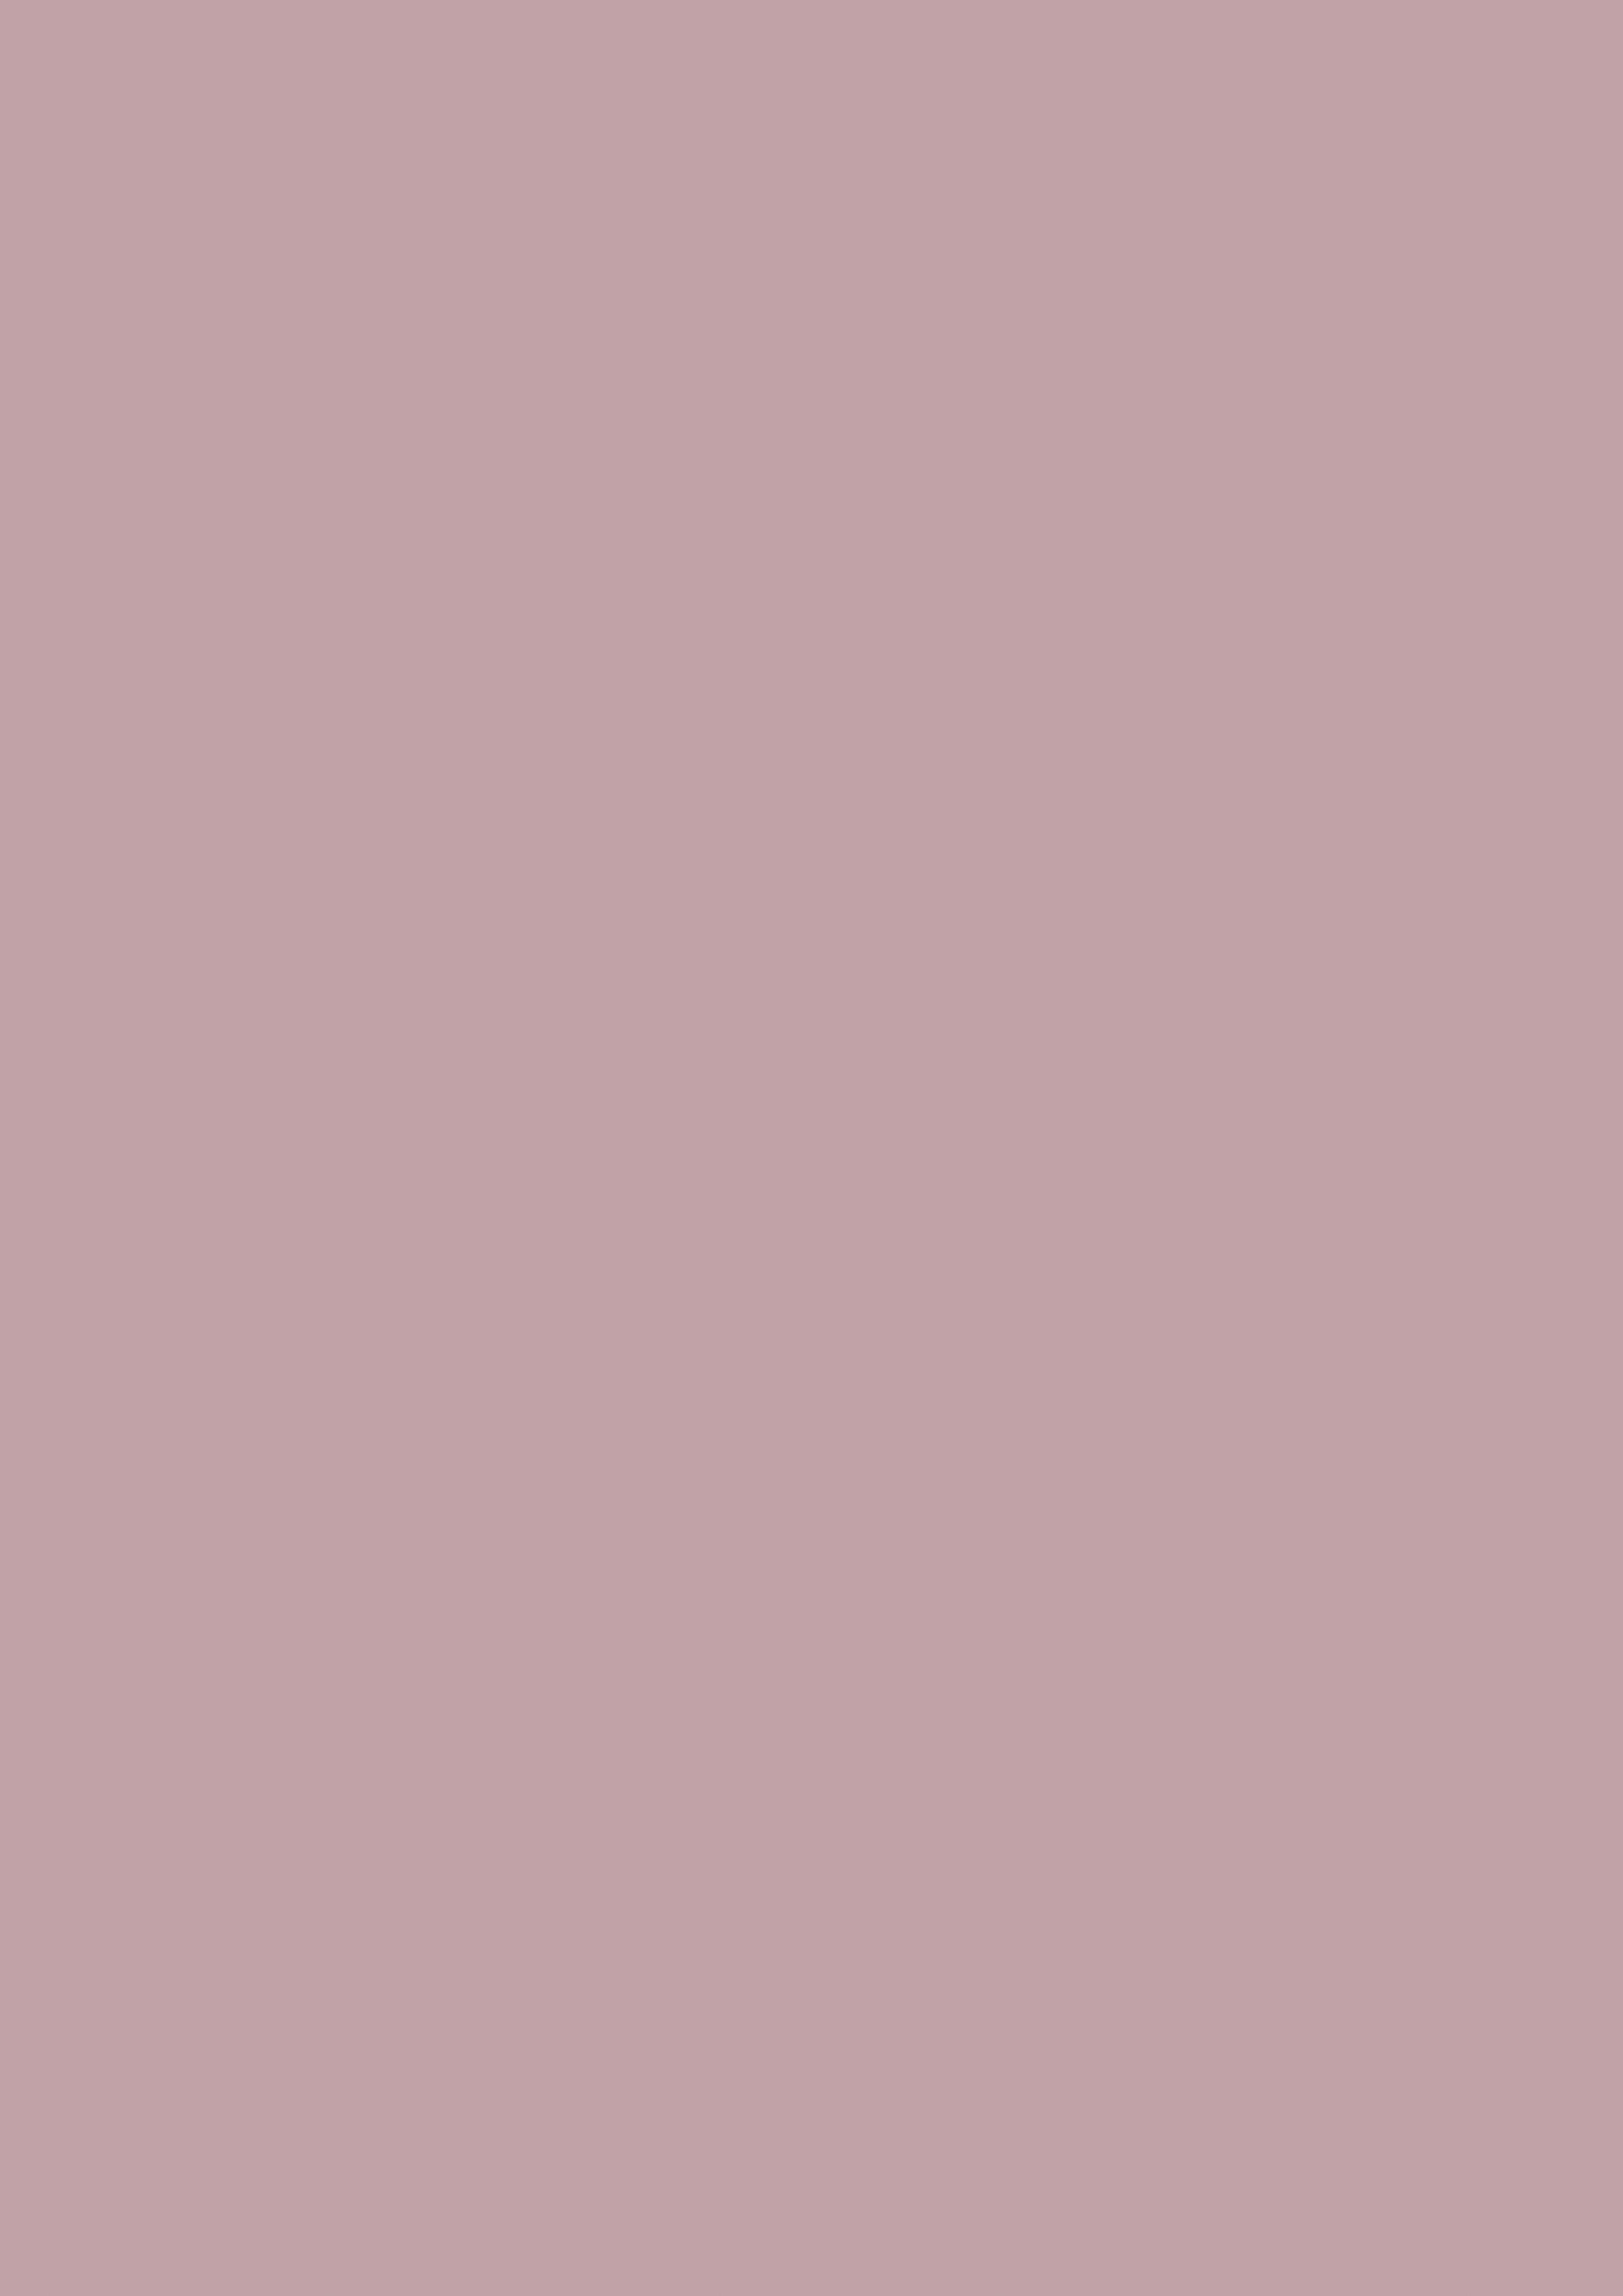 Cinder Rose No. 246  Order Now